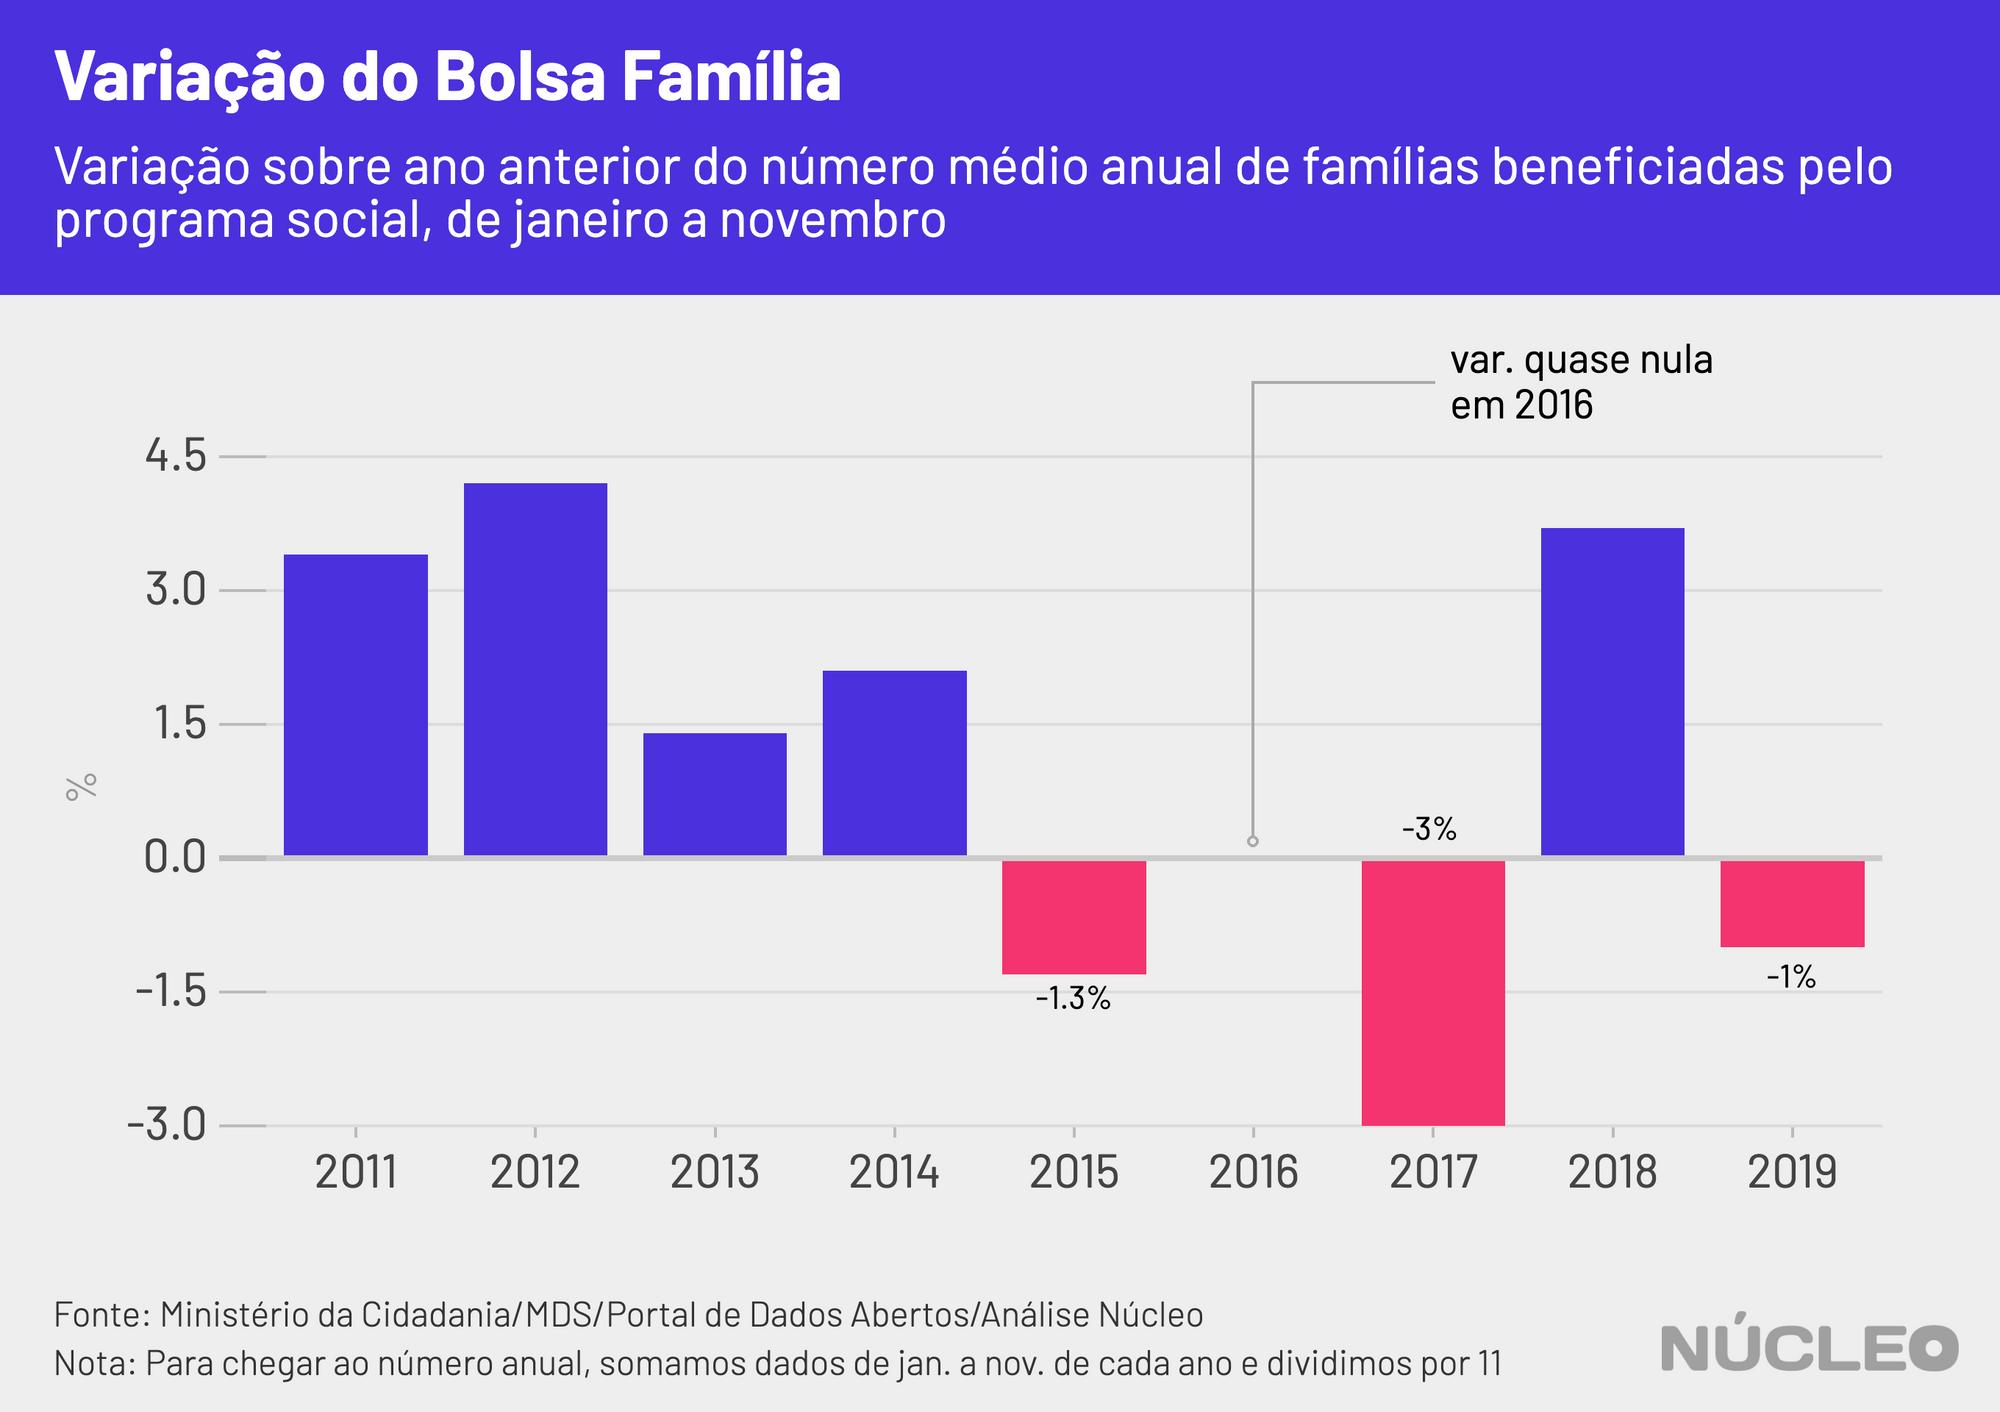 variacao_bolsa_familia